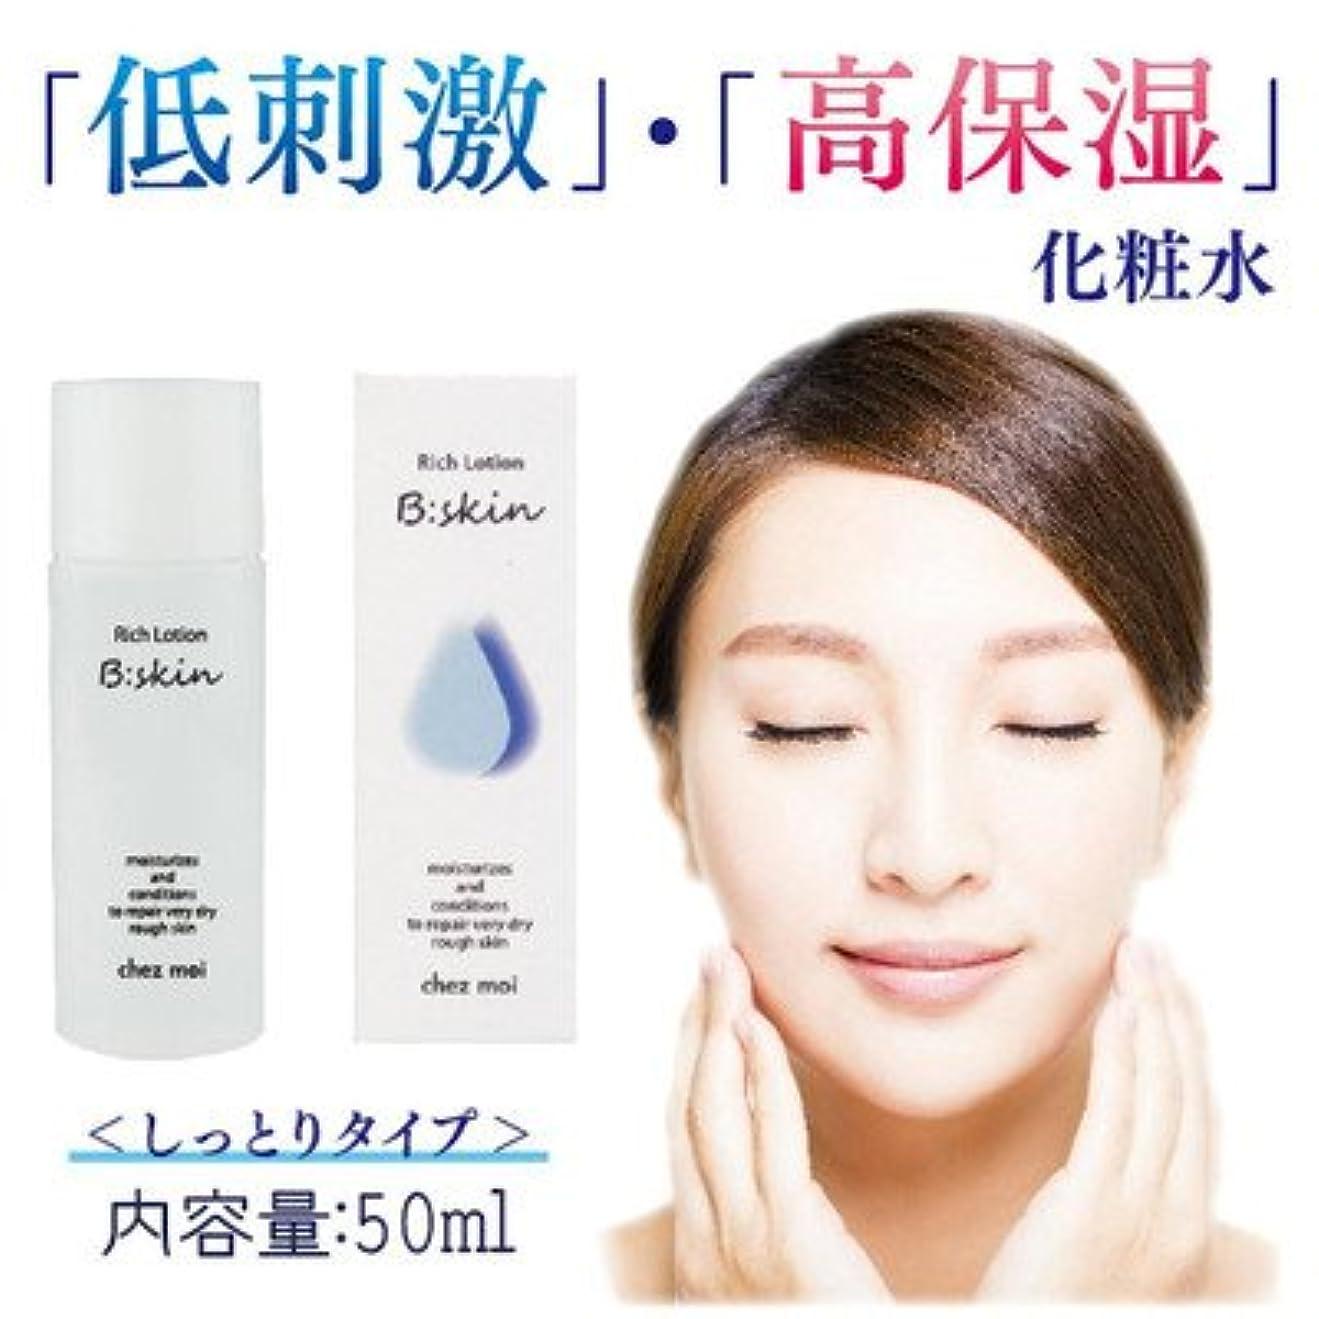 純粋にコース間違い低刺激 高保湿 しっとりタイプの化粧水 B:skin ビースキン Rich Lotion リッチローション しっとりタイプ 化粧水 50mL